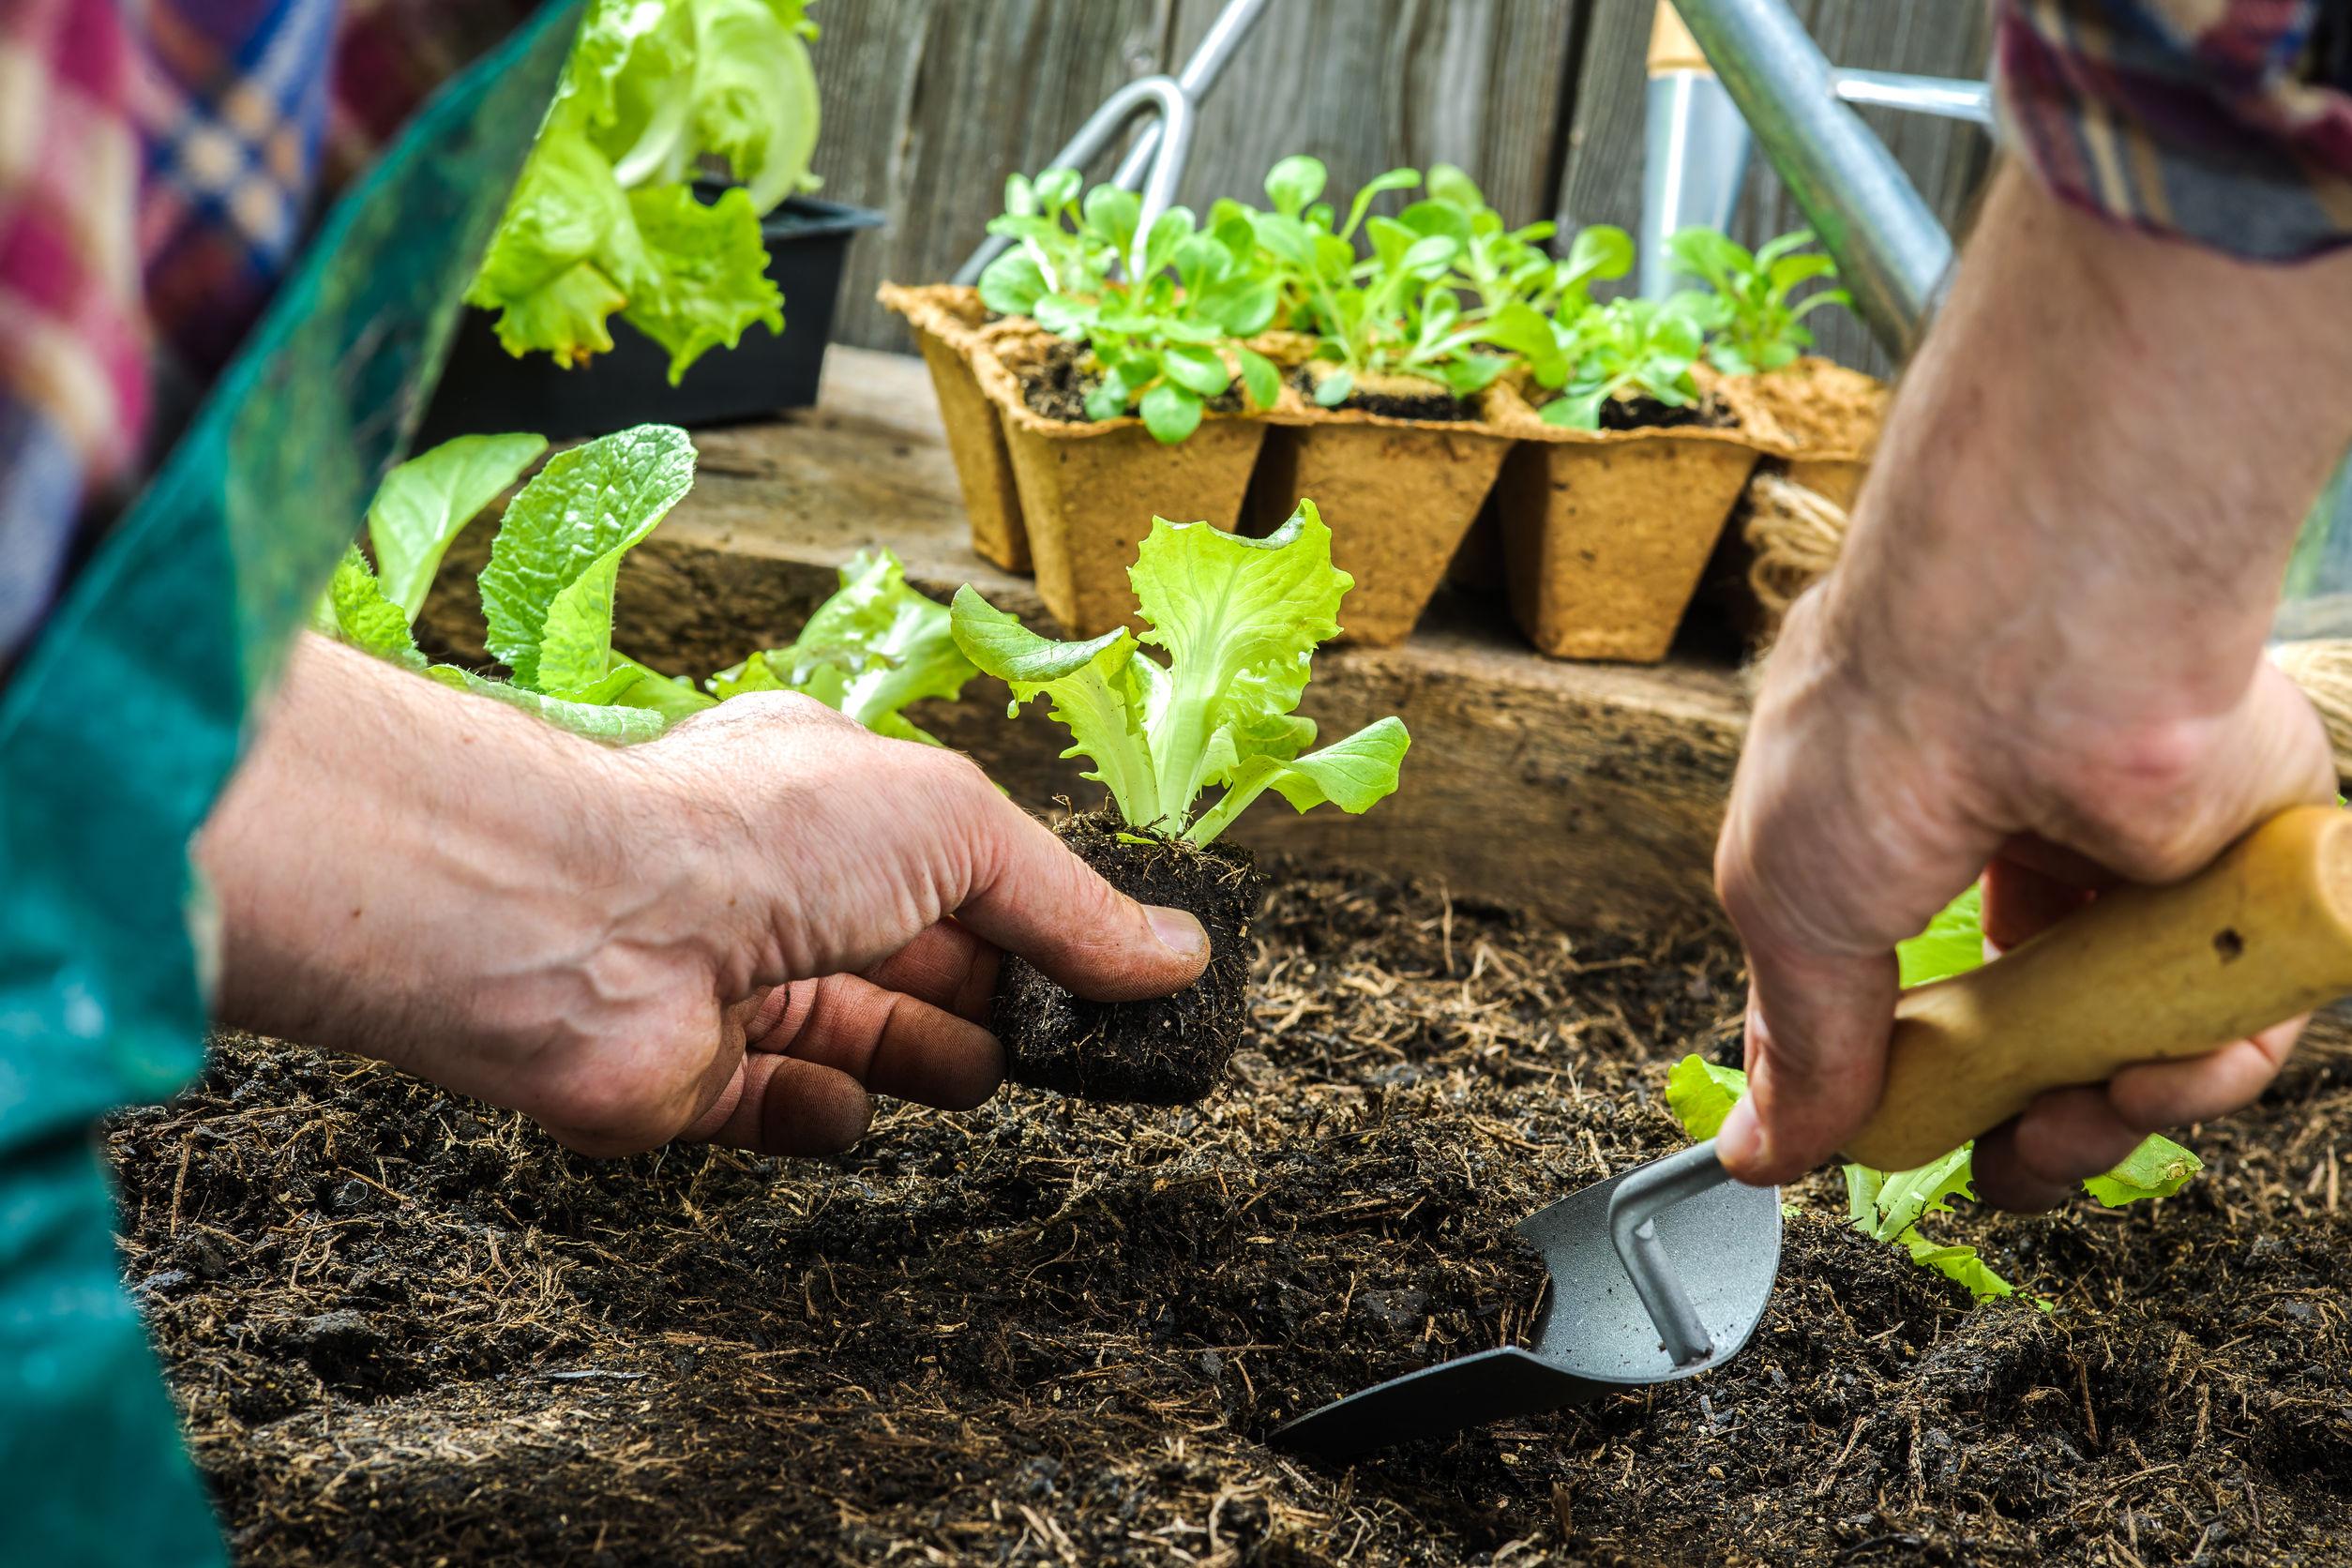 Салат: посадка и уход в открытом грунте, выращивание на подоконнике